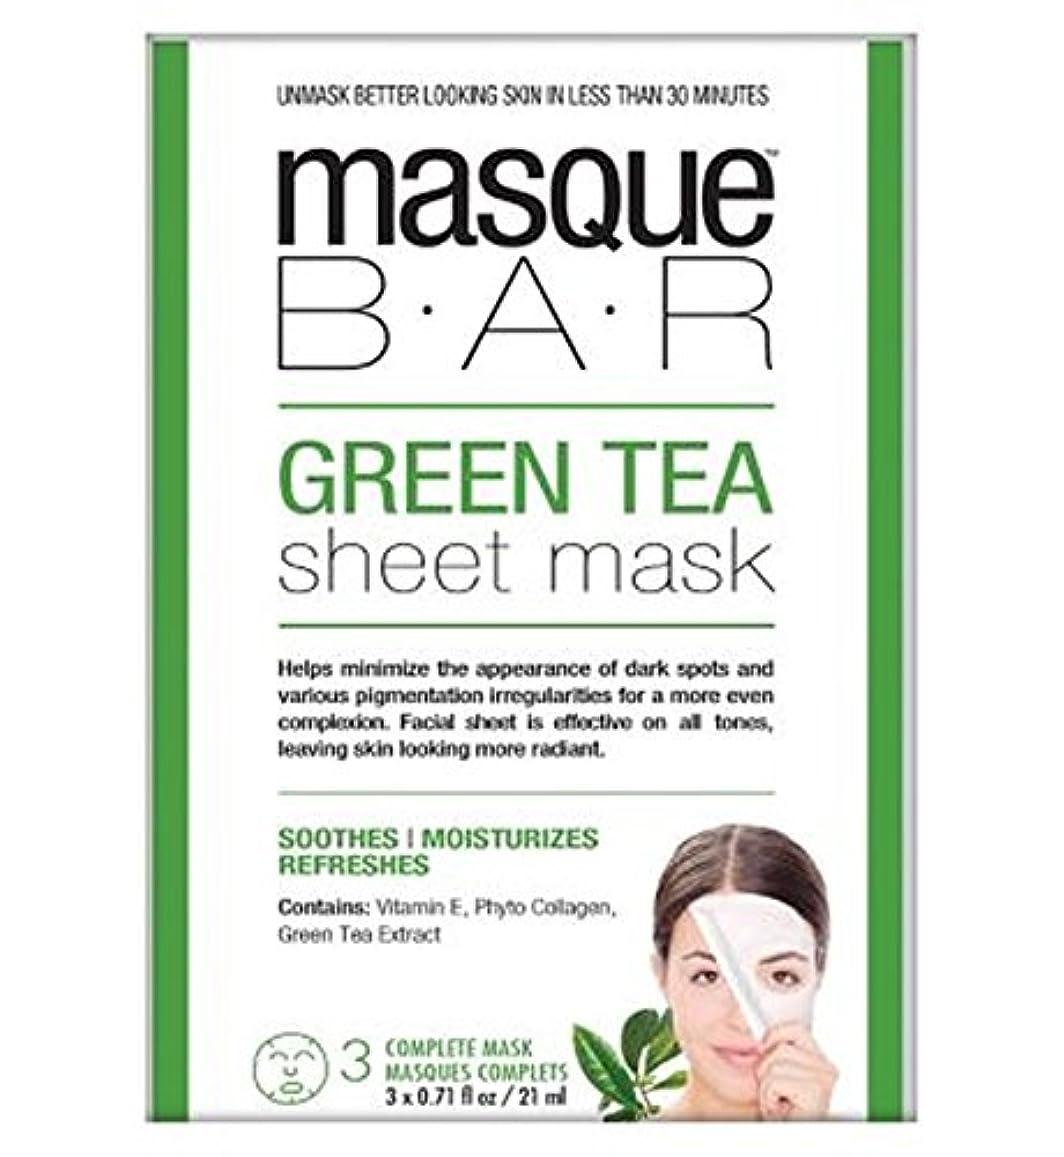 特別なポット静脈仮面劇バー緑茶シートマスク - 3完全なマスク (P6B Masque Bar Bt) (x2) - Masque Bar Green Tea Sheet Mask - 3 complete masks (Pack of...